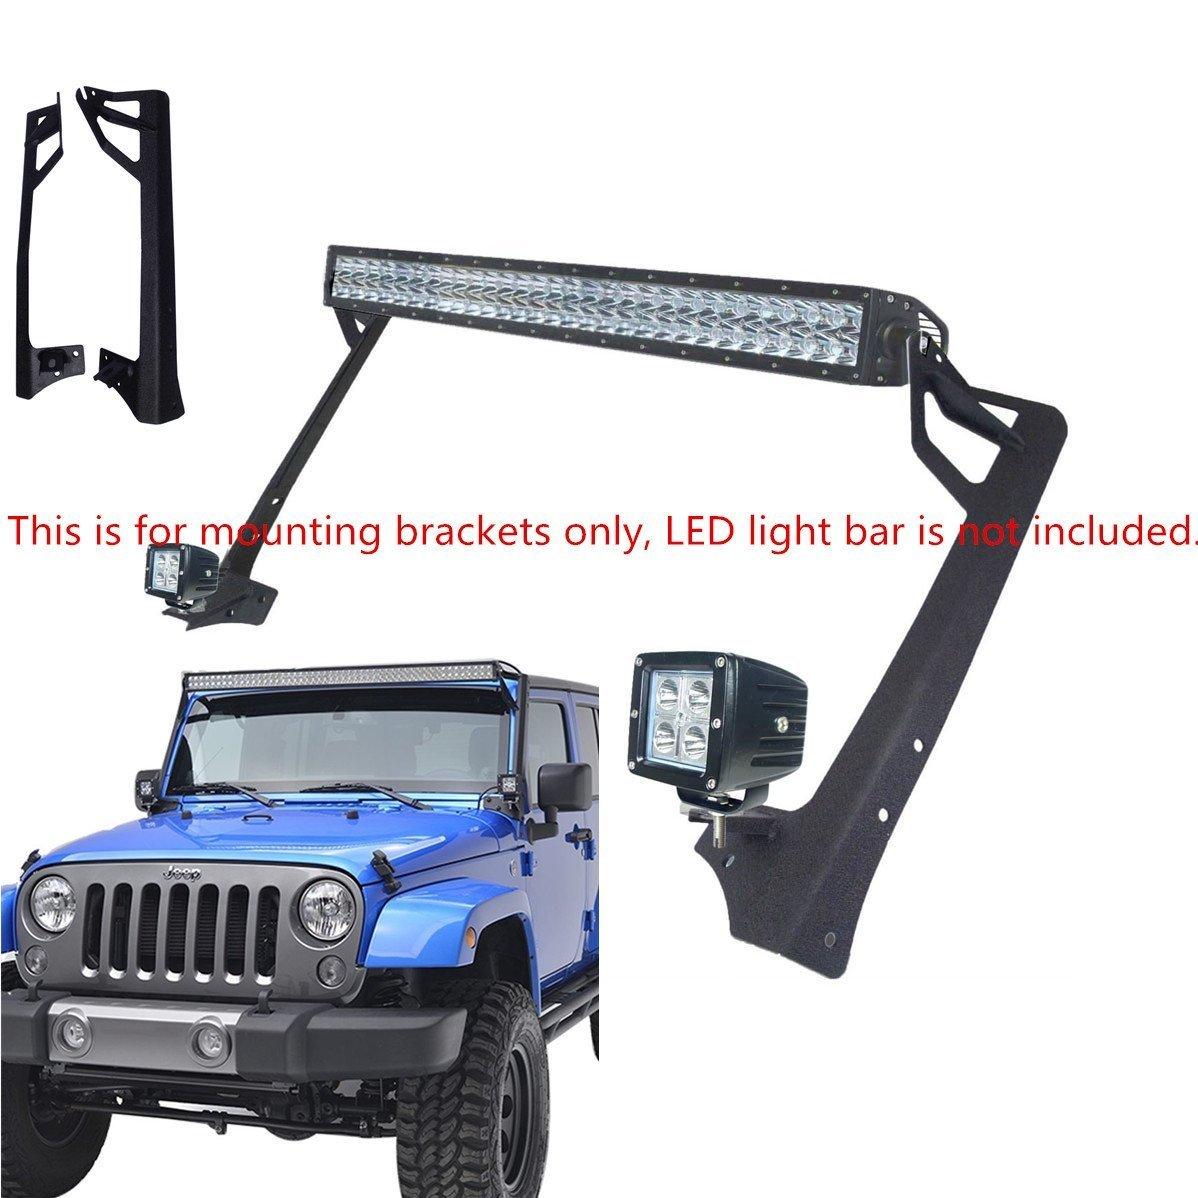 127/cm Barre lumineuse LED de travail Haut du pare-brise de montage Bracketswith spot support avec supports de pare-brise d/'angle Sxma pare-brise Supports de fixation